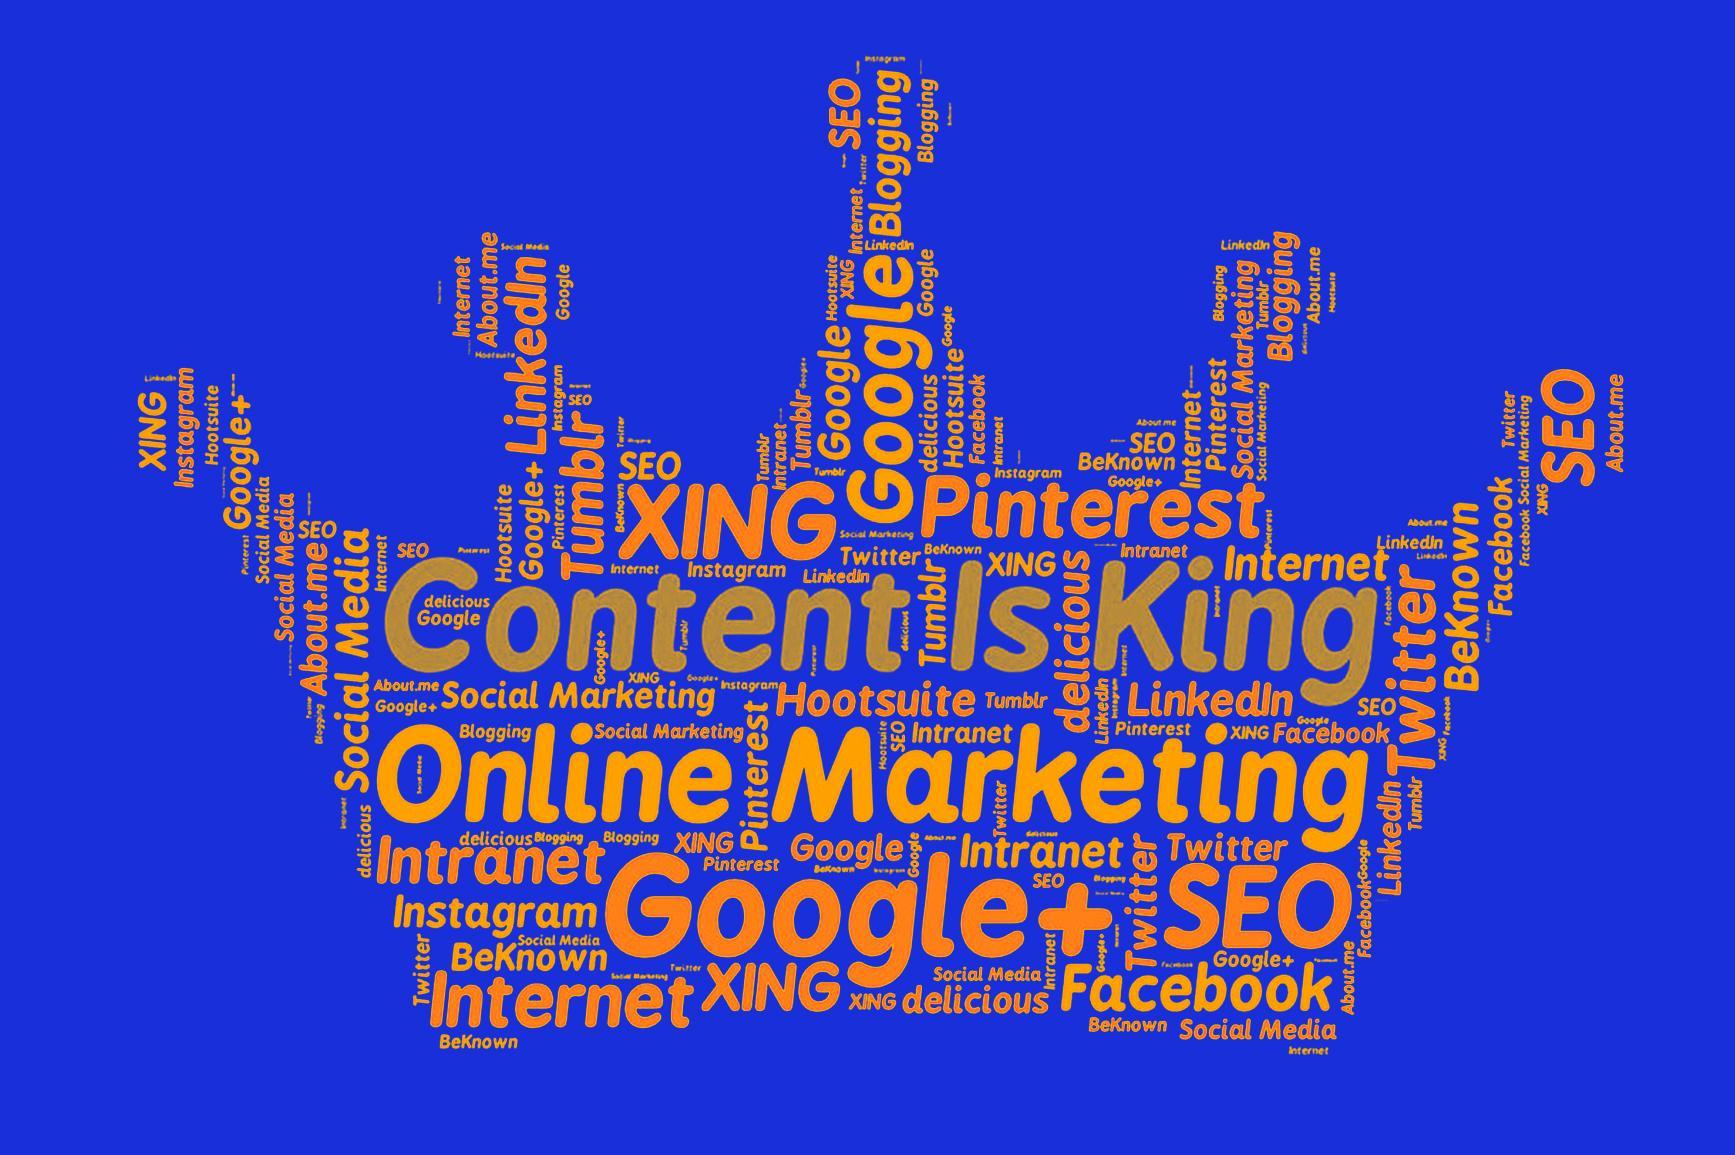 Качественный контент - конкурентное преимущество бренда